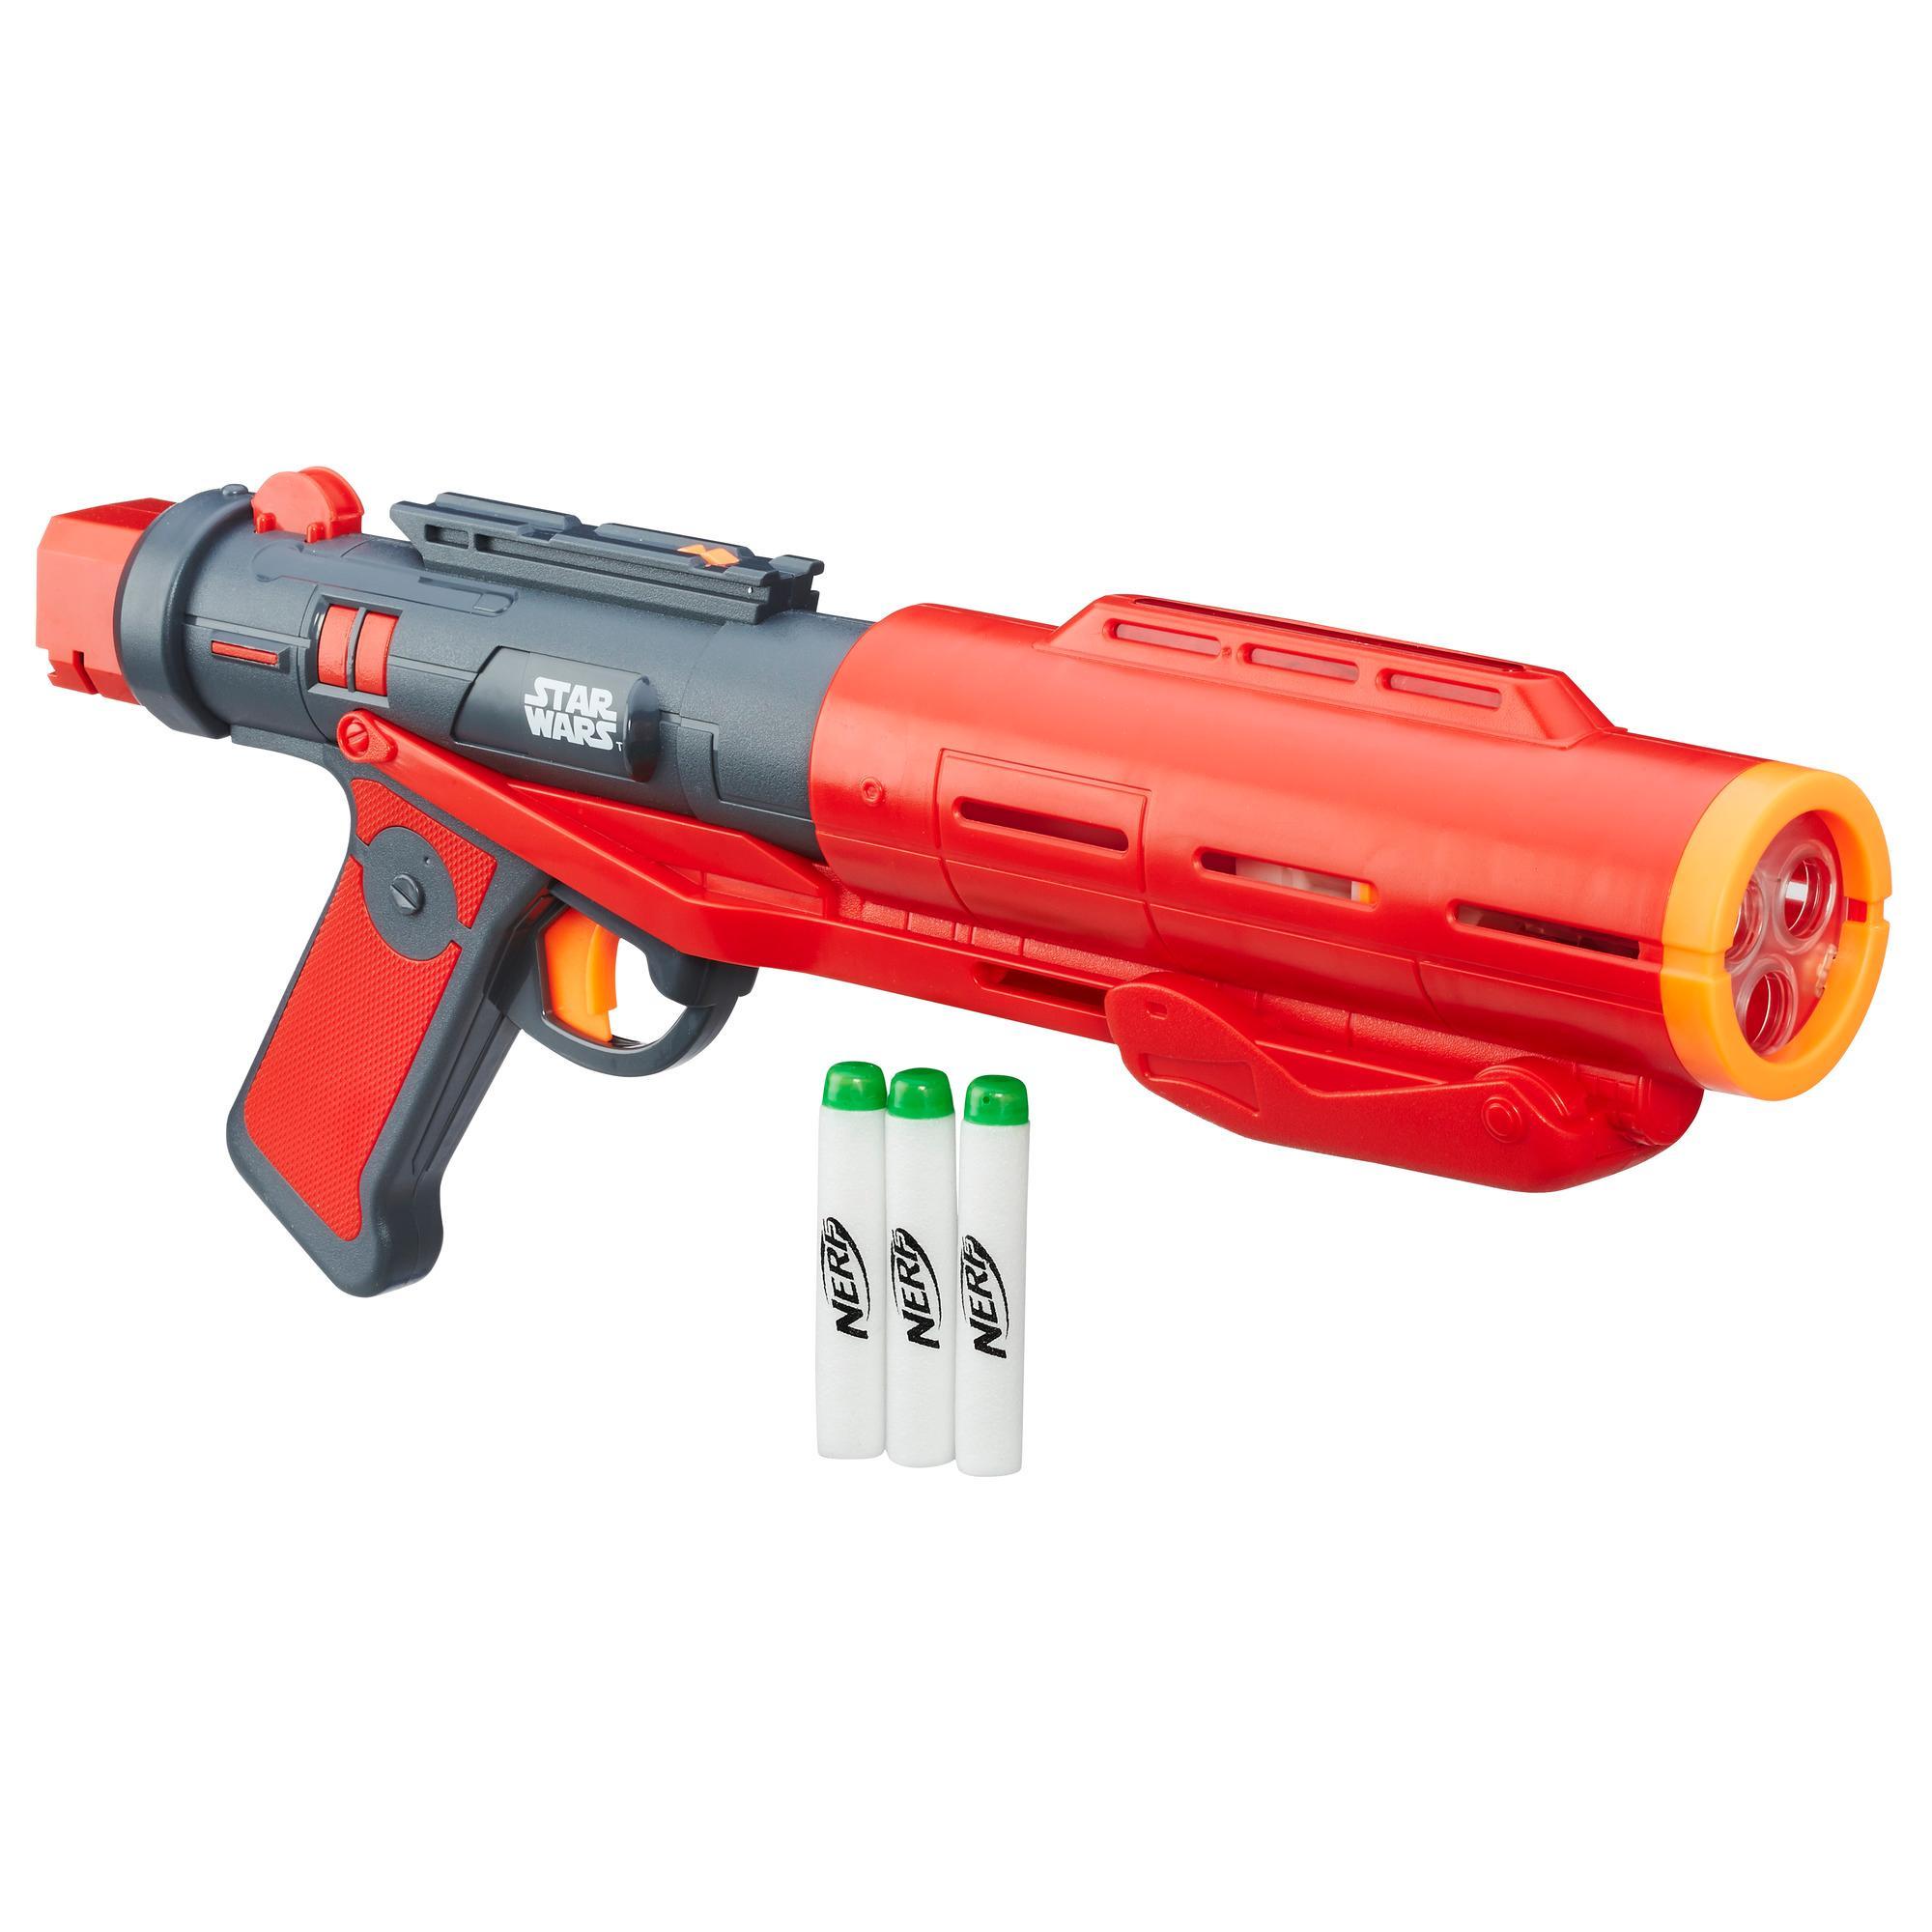 星際大戰 帝國軍隊豪華射擊器